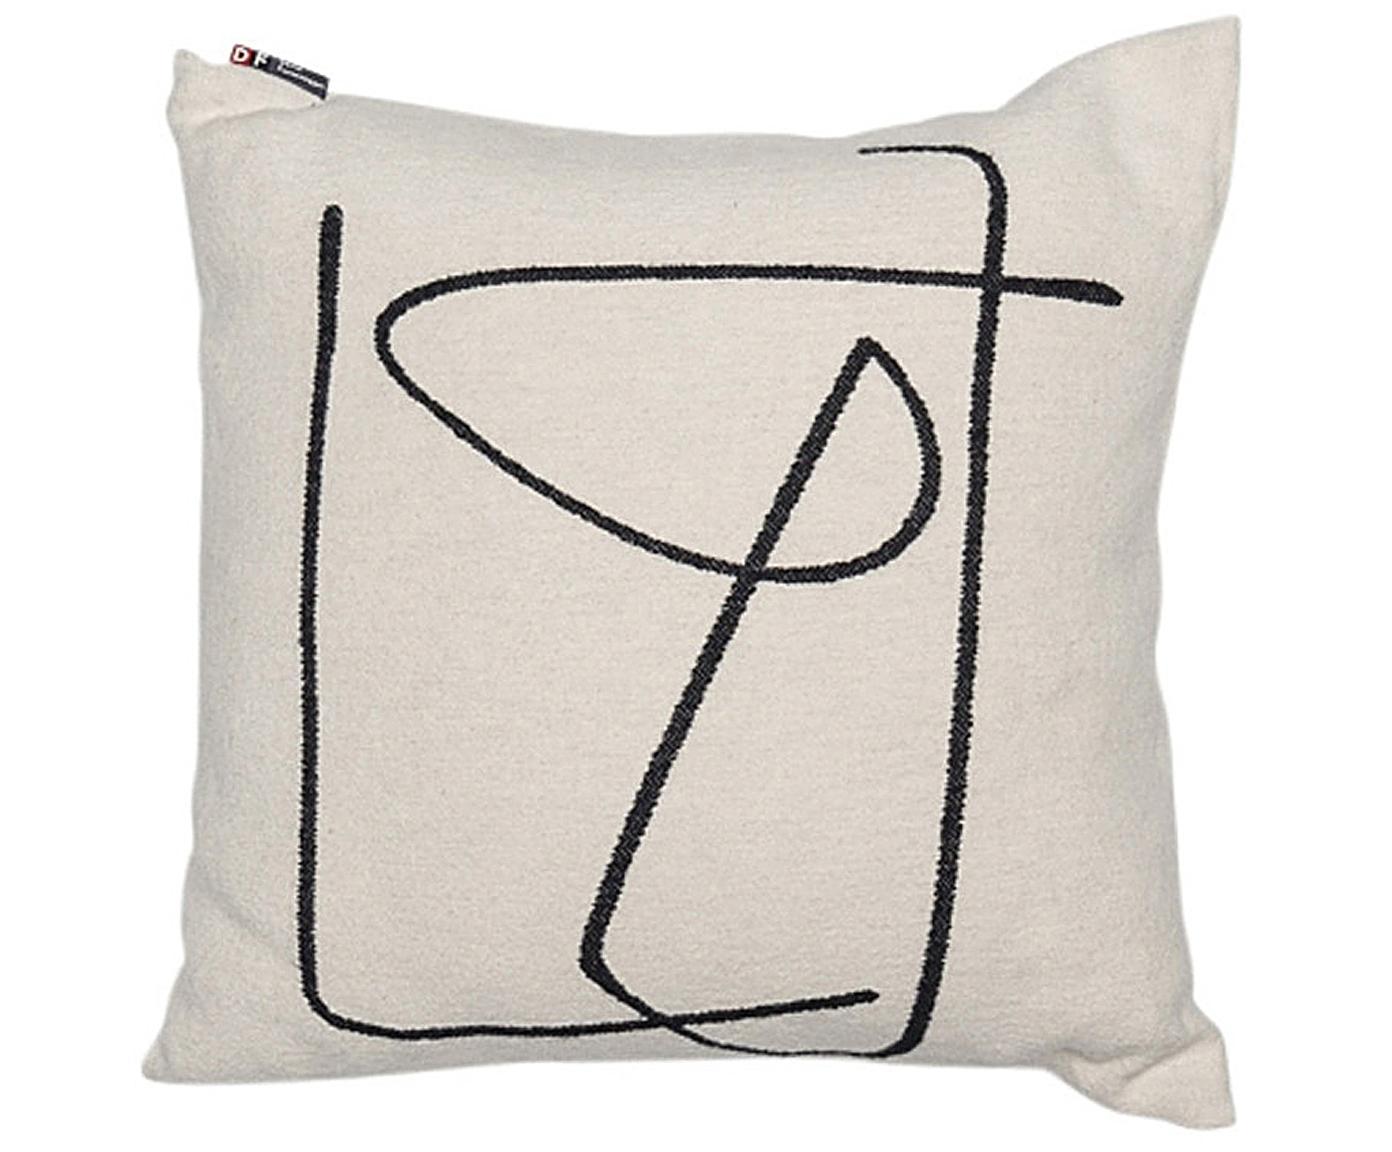 Cuscino con motivo astratto Nova, Rivestimento: 85% cotone, 8% viscosa, 7, Bianco, nero, Larg. 50 x Lung. 50 cm